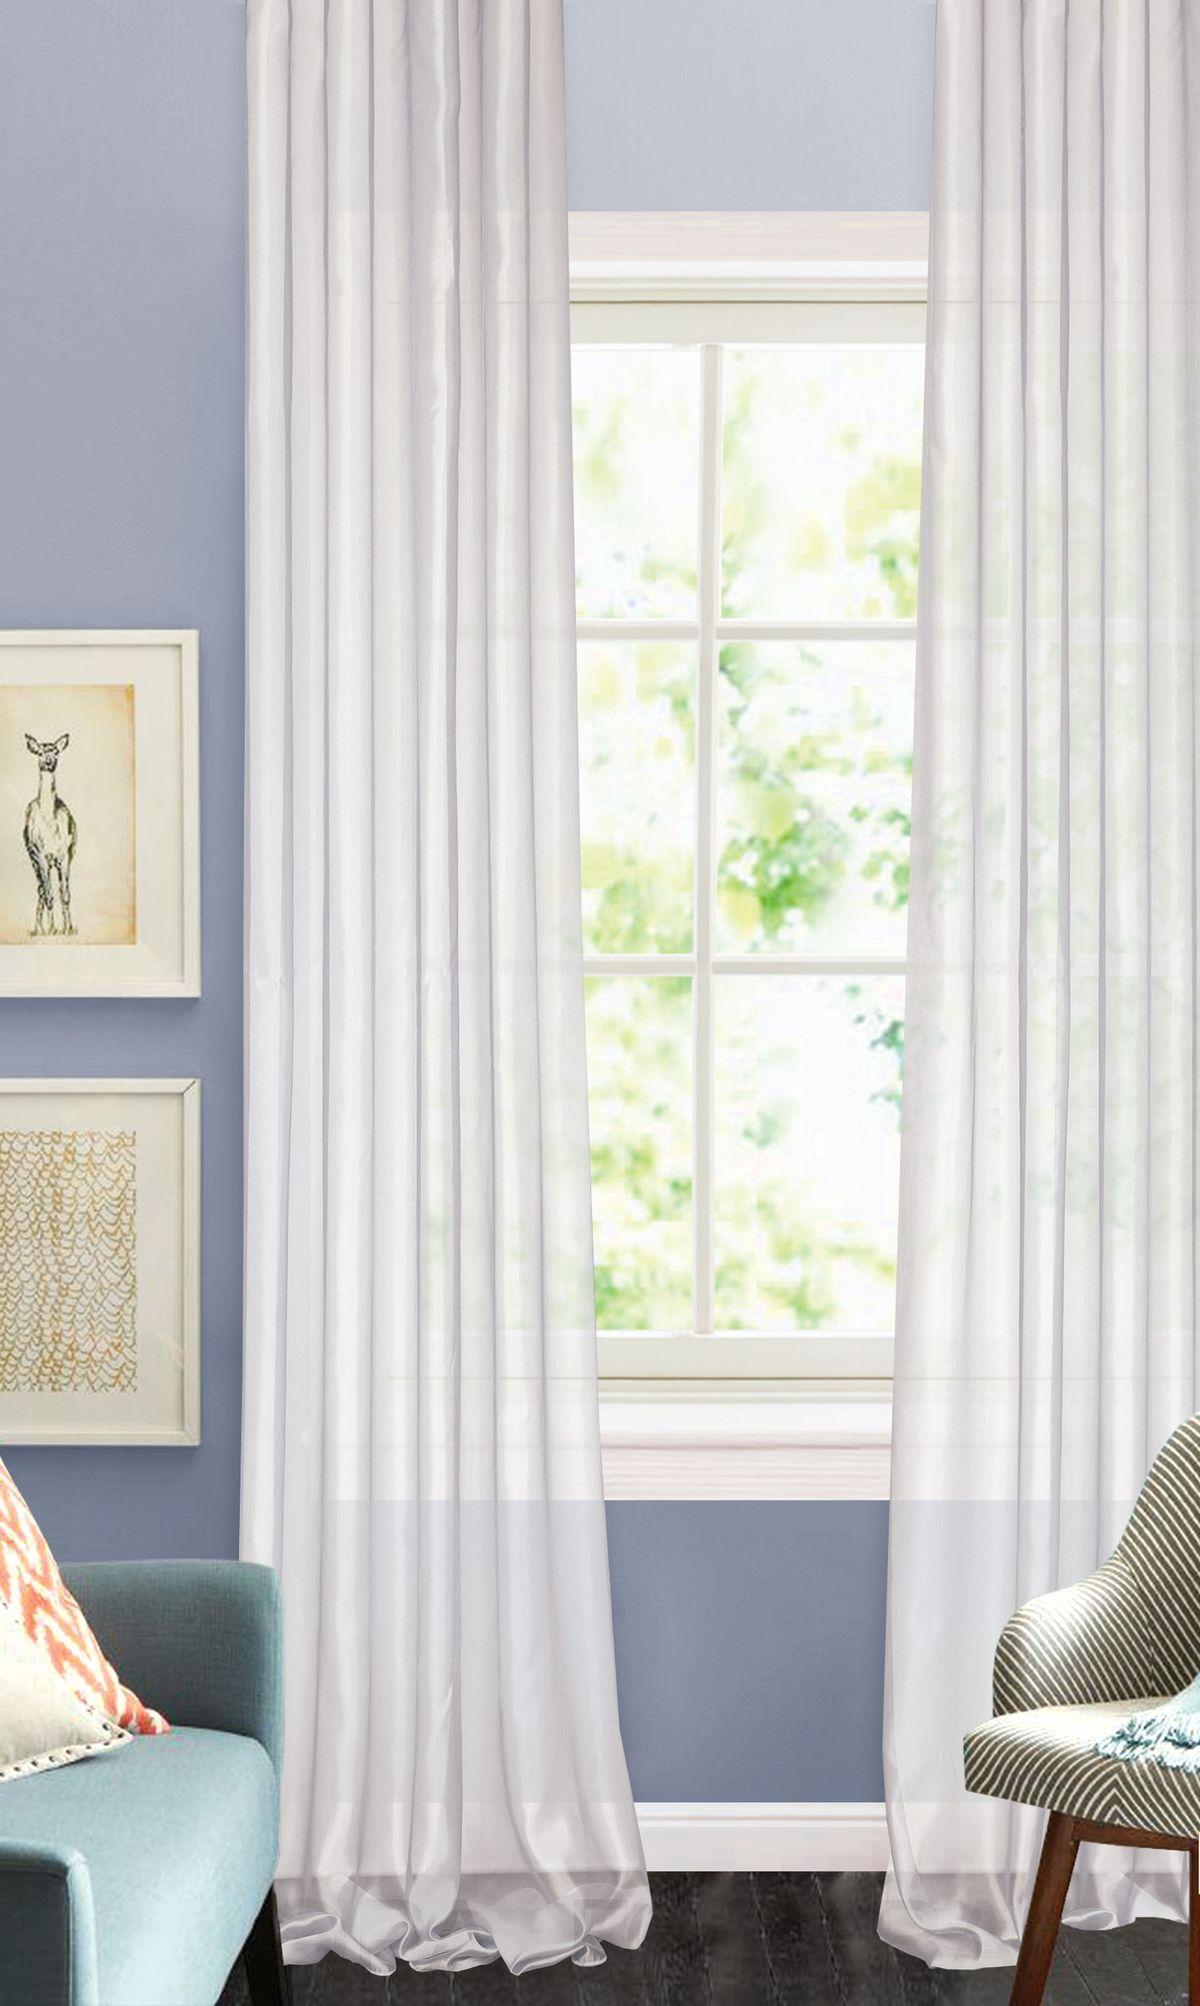 Штора готовая Garden, на ленте, цвет: бледно-сиреневый, 450х270 см. С W875 450х270 V3099.47.25.0010Изящная штора для гостиной Garden выполнена из легкой ткани с оригинальной структурой. Приятная текстура и цвет штор привлекут к себе внимание и органично впишутся в интерьер помещения. Штора крепится на карниз при помощи ленты, которая поможет красиво и равномерно задрапировать верх.